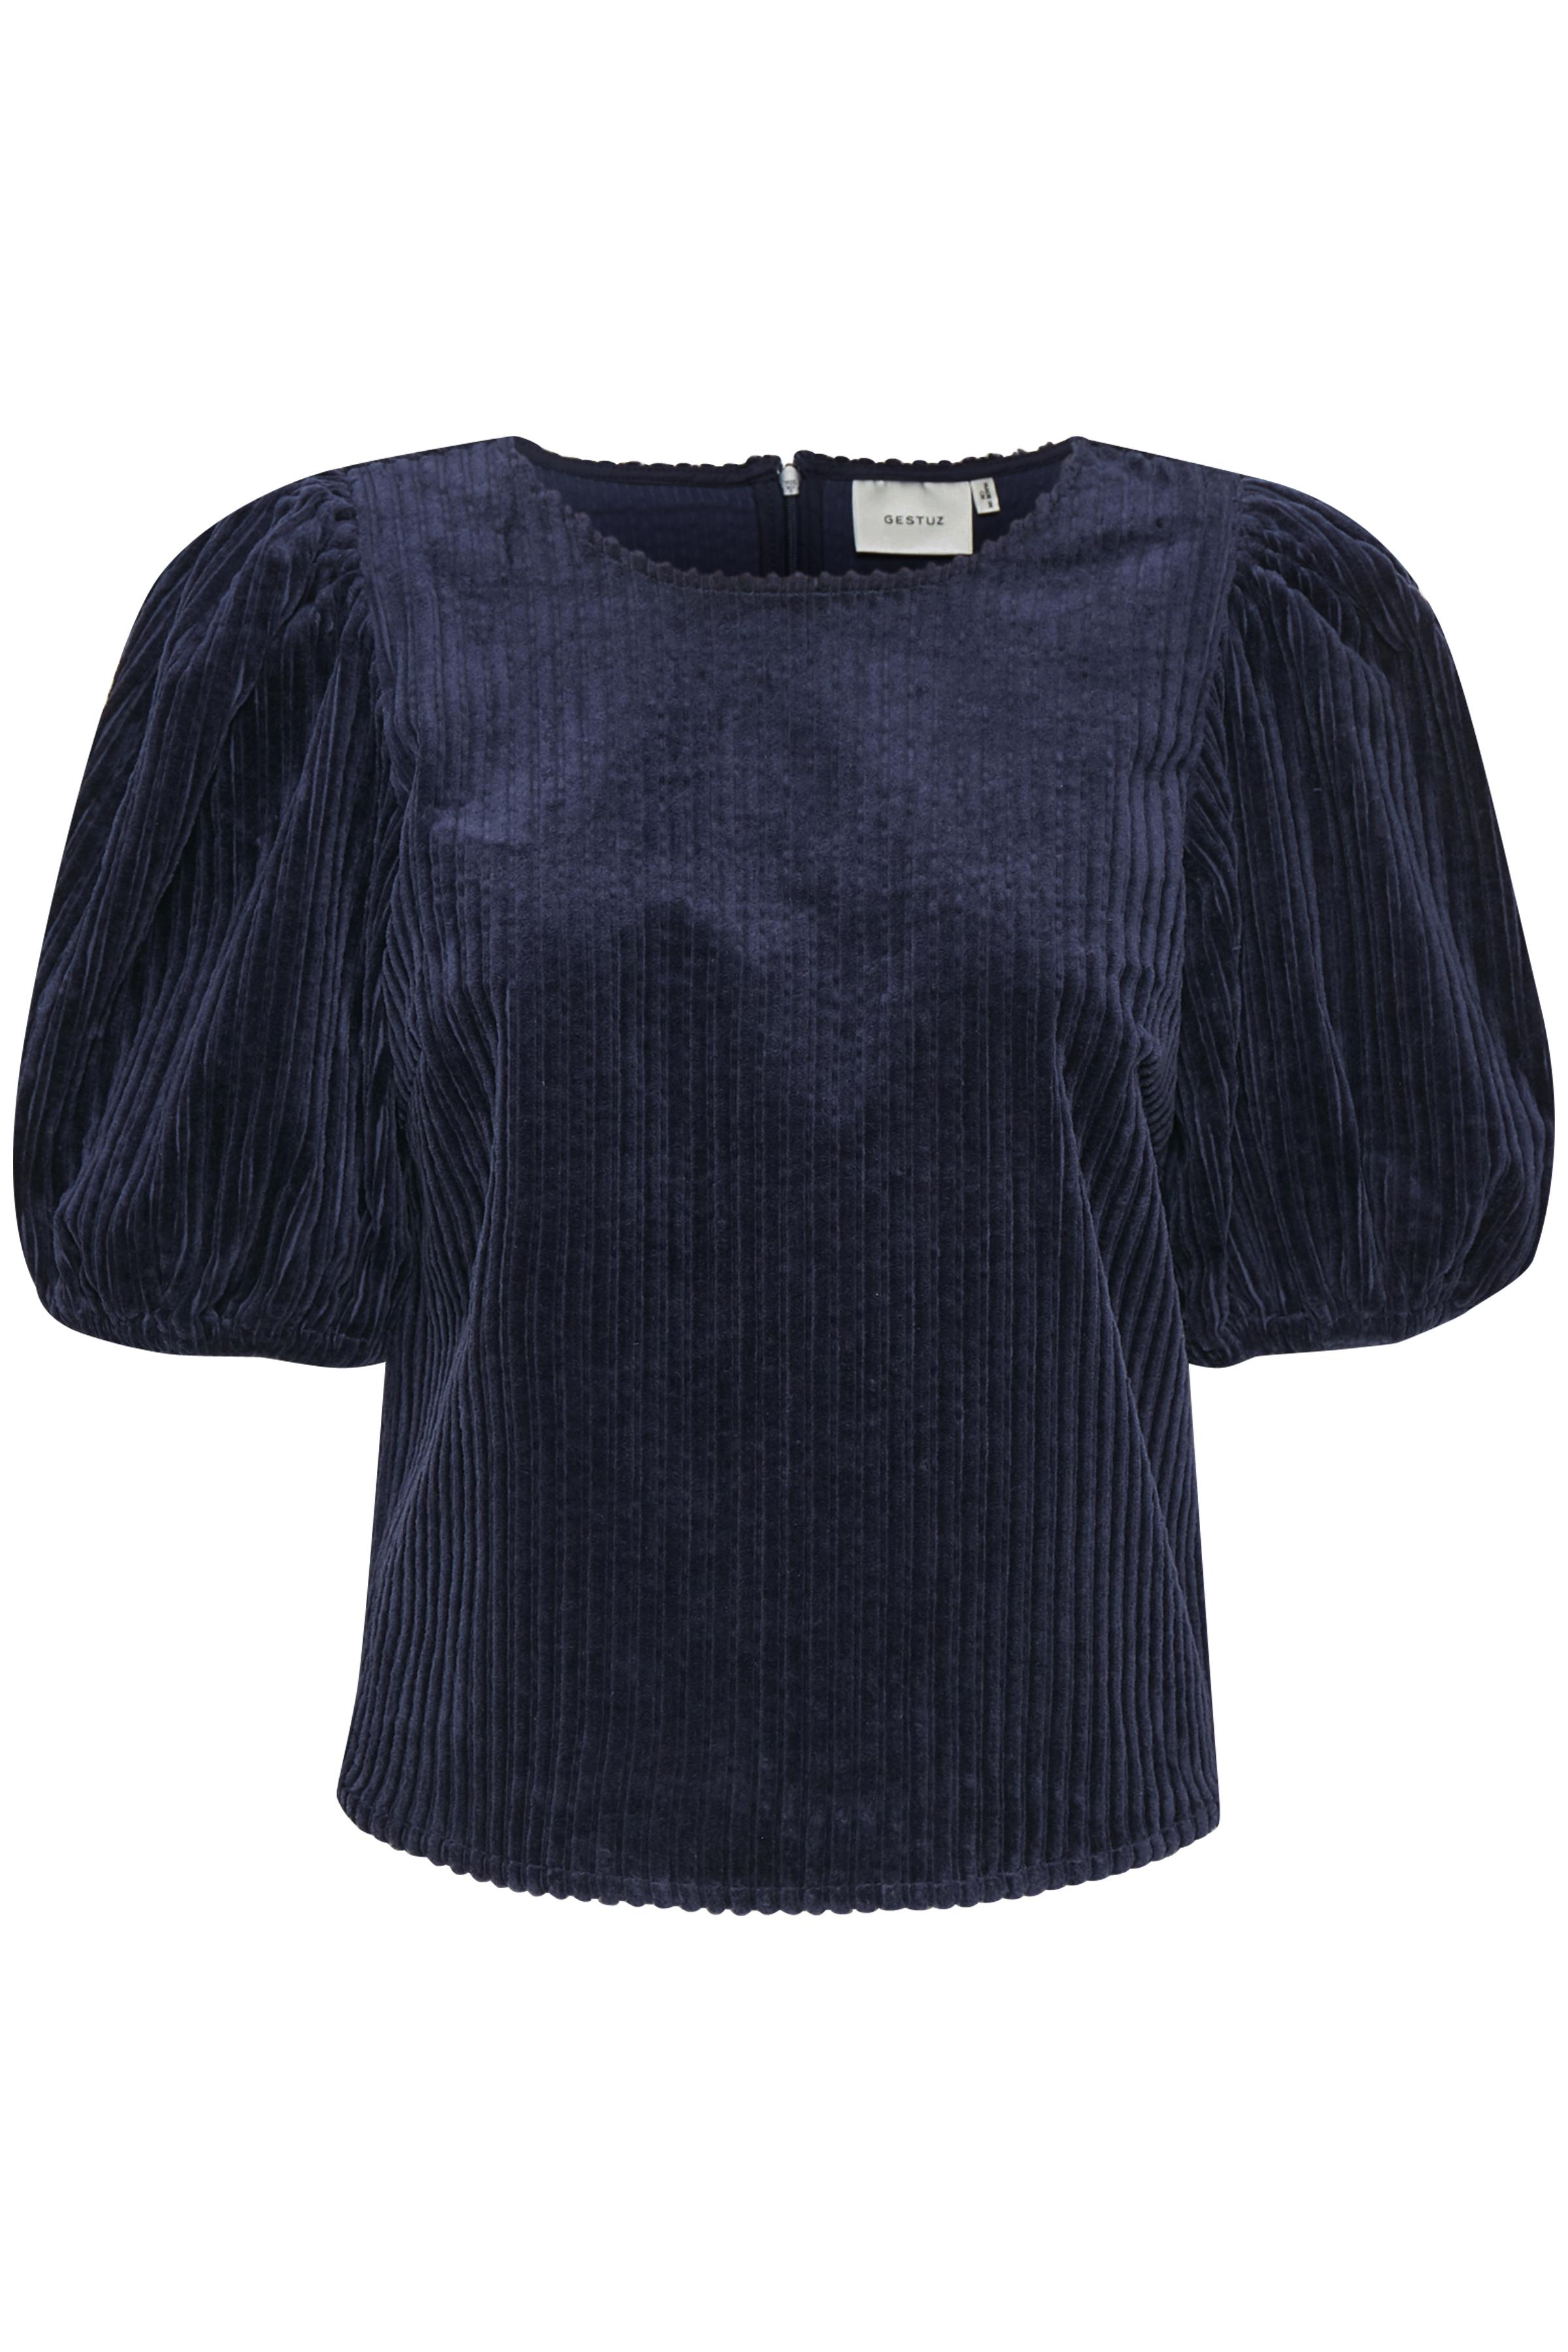 Gestuz - AdeenGZ blouse